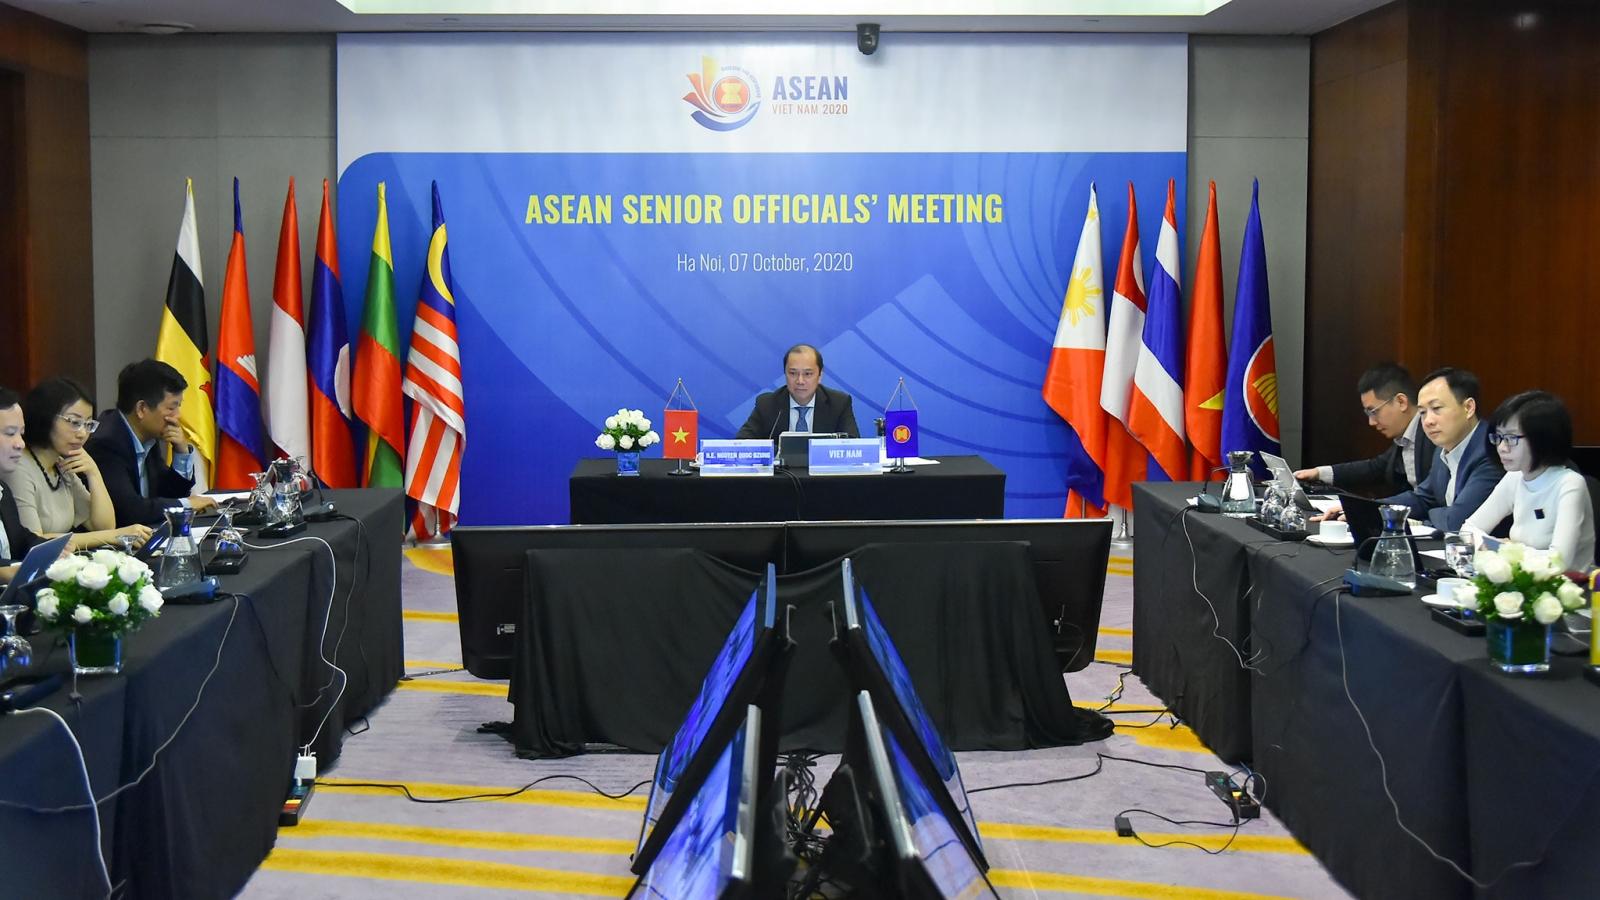 Việt Nam tích cực chuẩn bị cho Hội nghị Cấp cao ASEAN 37 theo kế hoạch